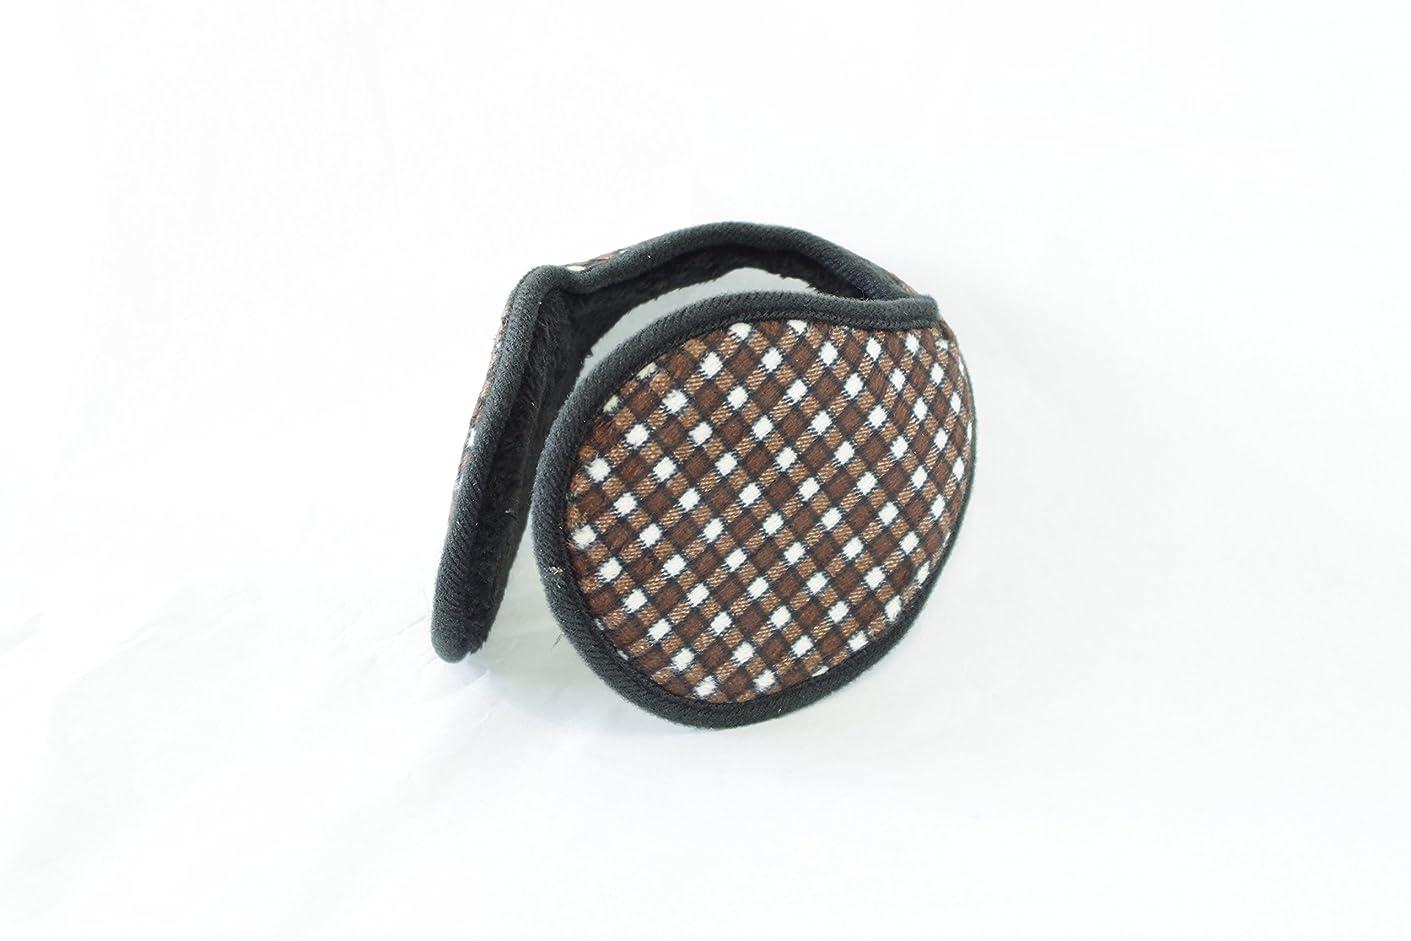 テラス日食おもてなしTPOS イヤーマフ 耳あて 耳カバー シンプル コンパクトなイヤウォーマー チェック柄 6色 (茶×白)